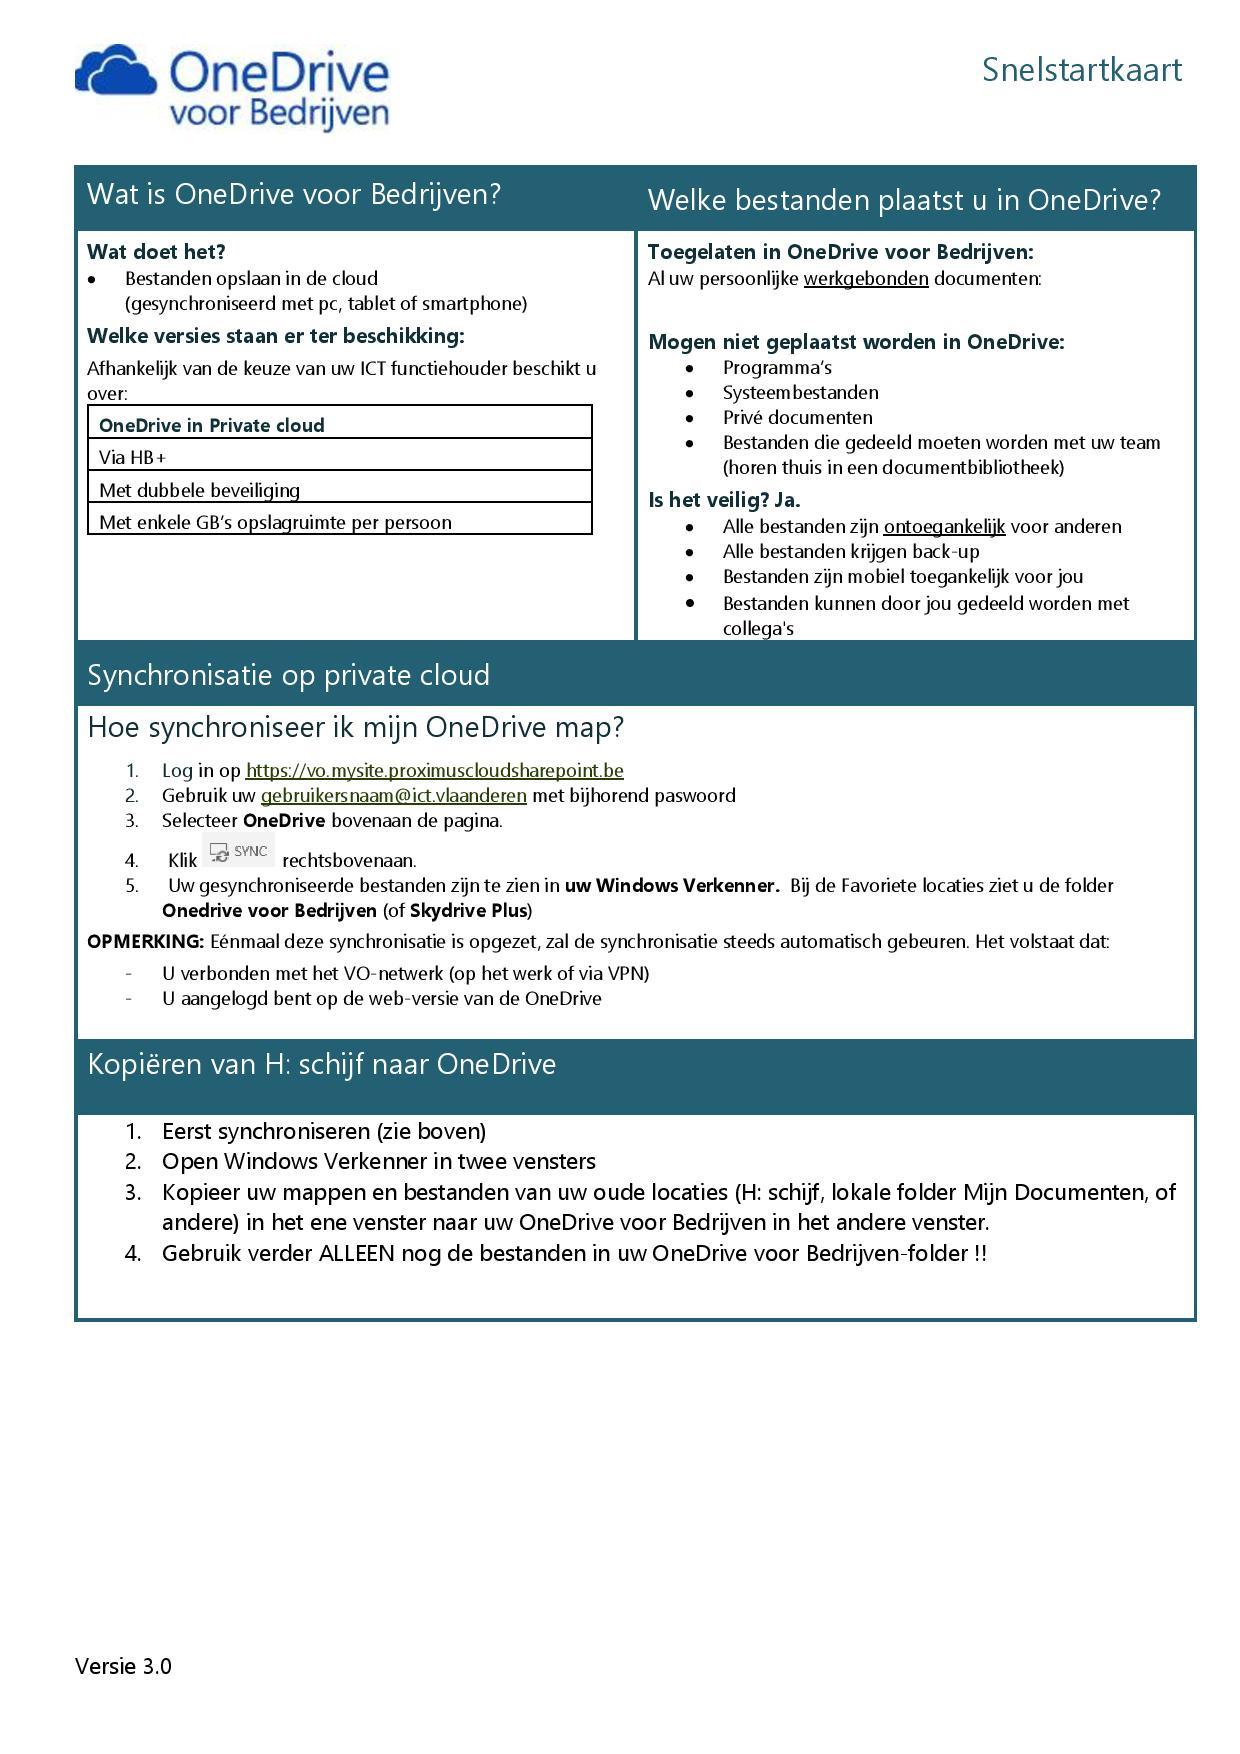 Snelstartkaart OneDrive Private - 1